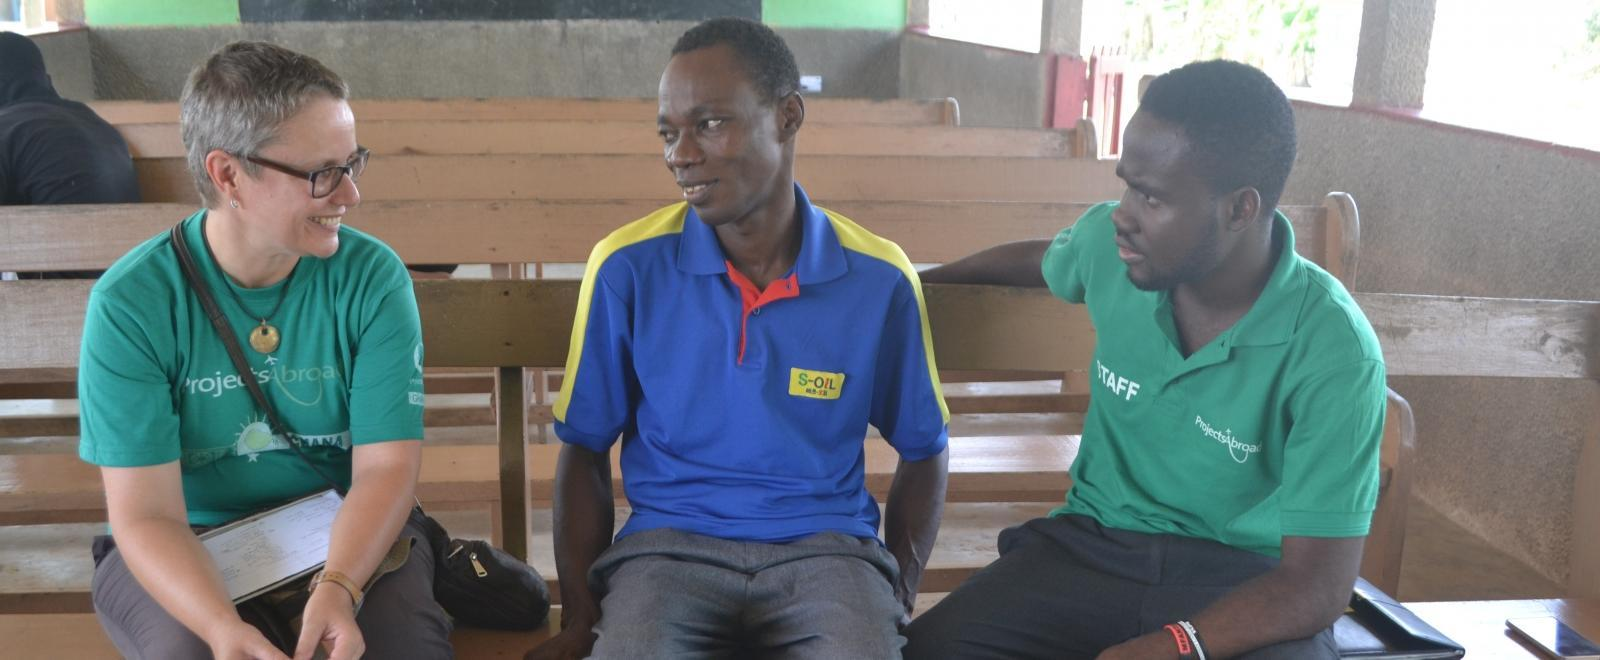 Personal y pasante de Microfinanzas en Ghana asesorando a emprendedor local.